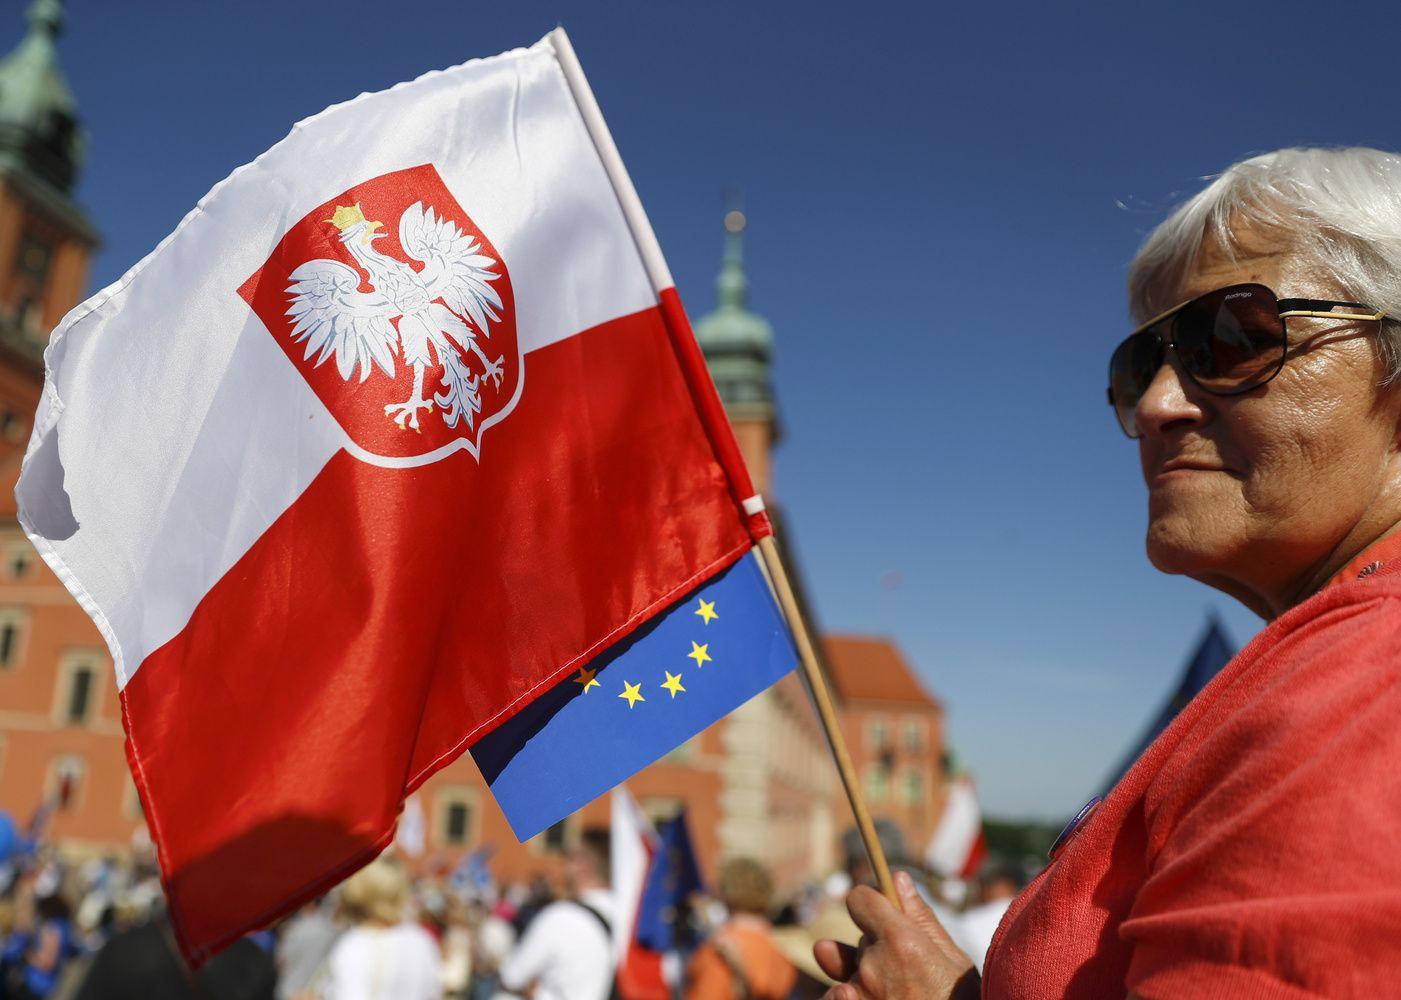 Lenkijos kova su Briuseliu atsiliepė šalies valdantiesiems